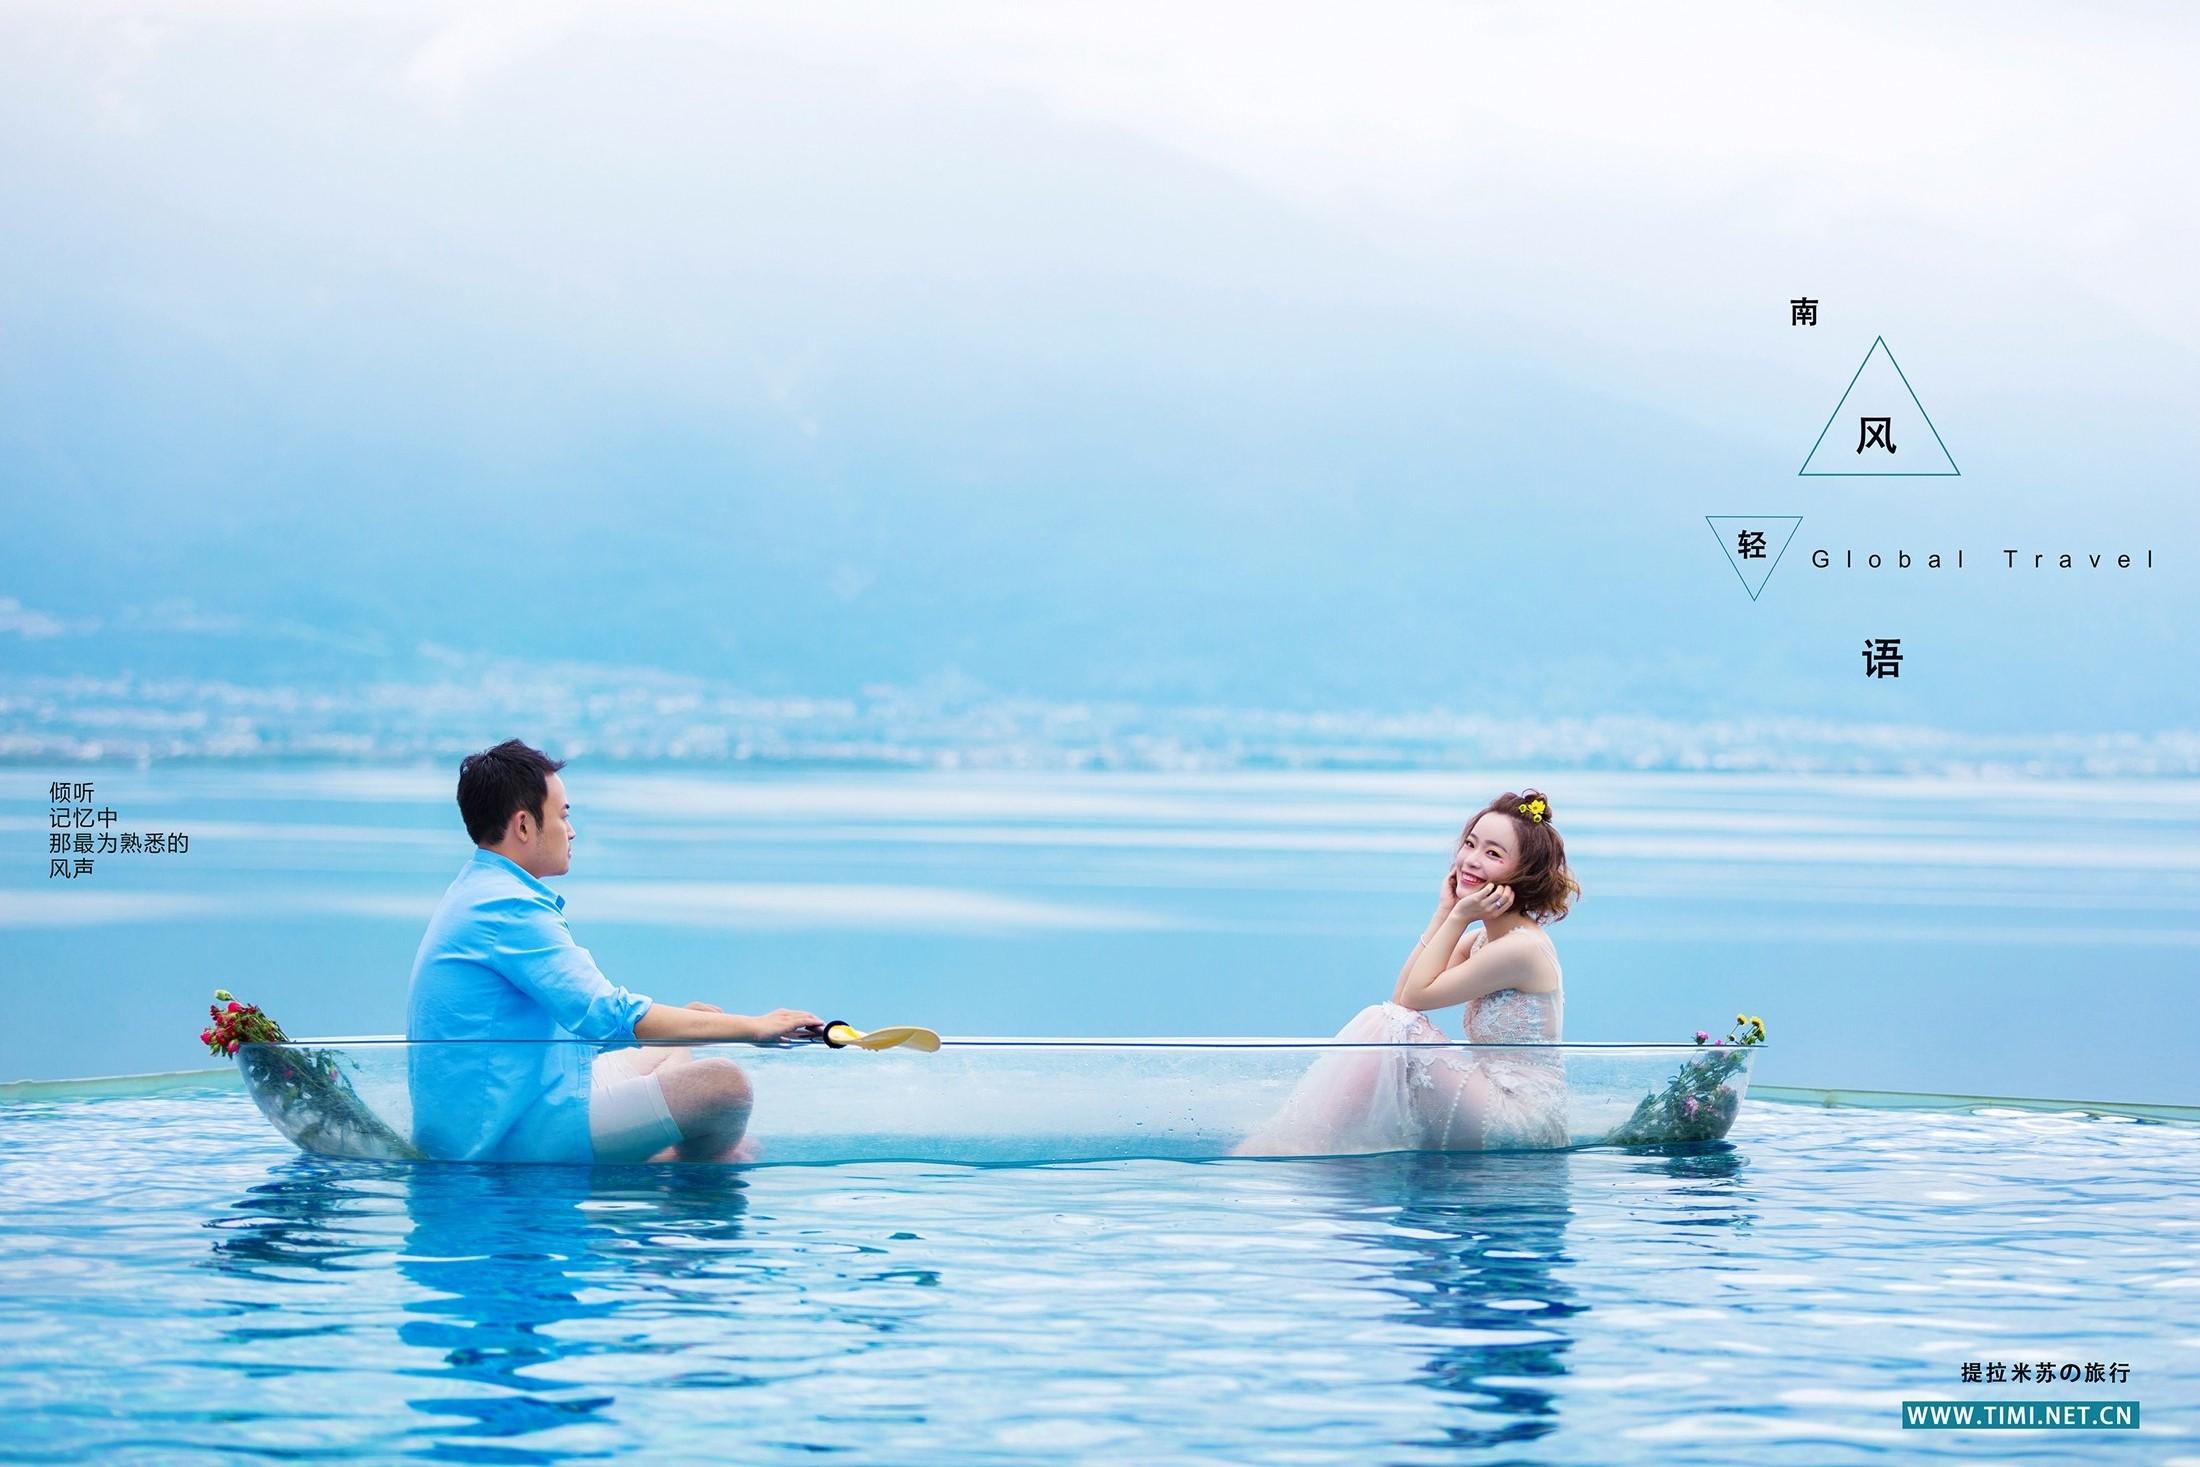 去丽江拍摄婚纱照时需要做哪些准备及攻略